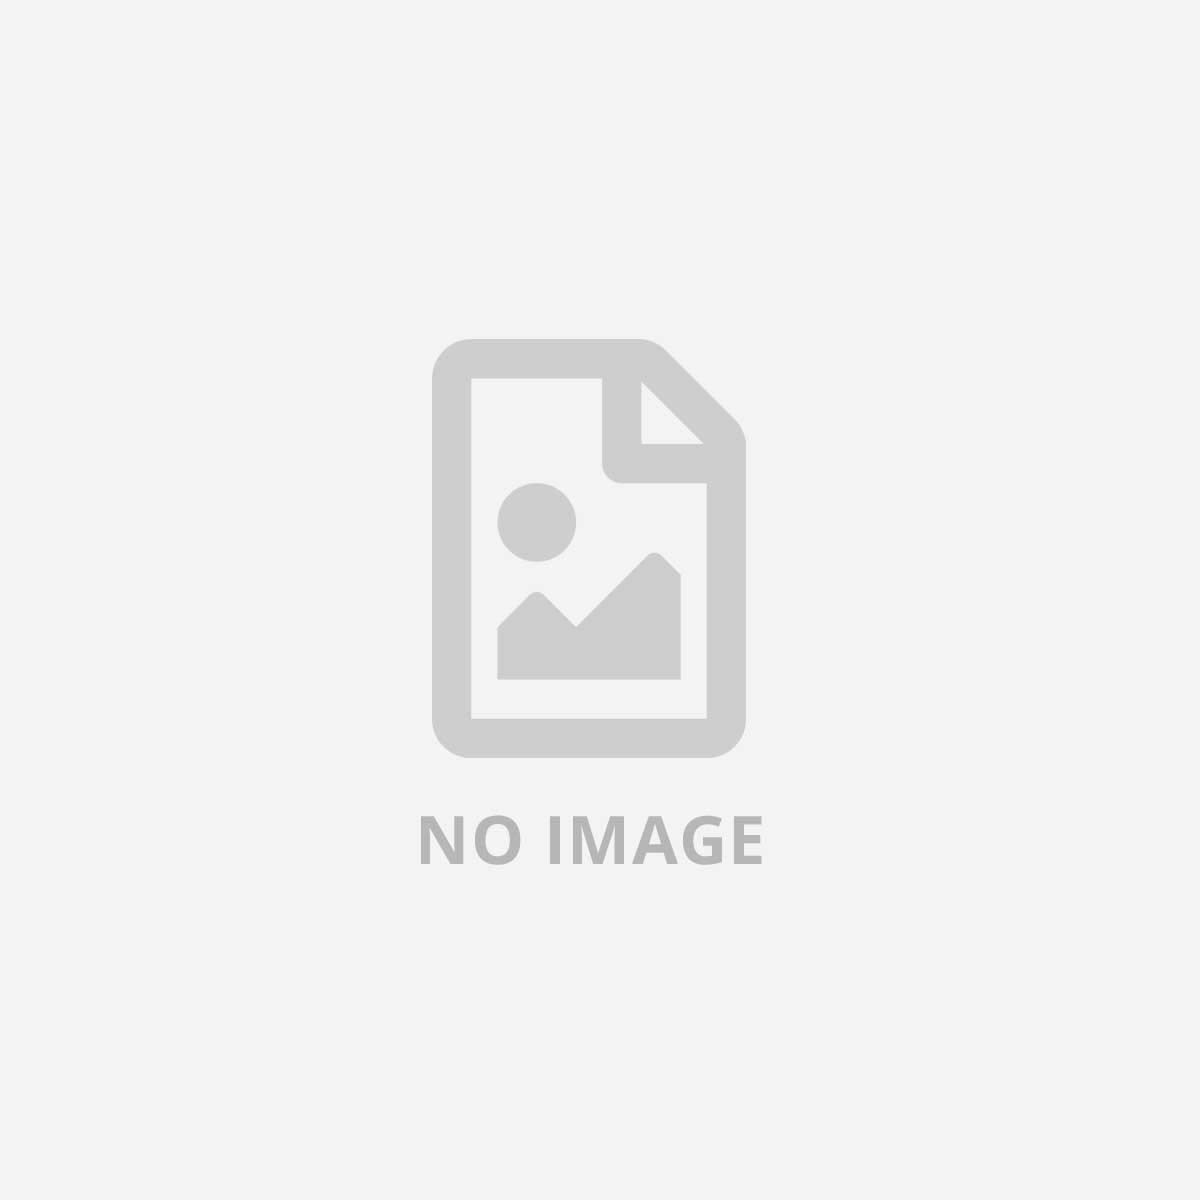 MOLHO LEONE CF10X1000 PUNTI 126 24/6